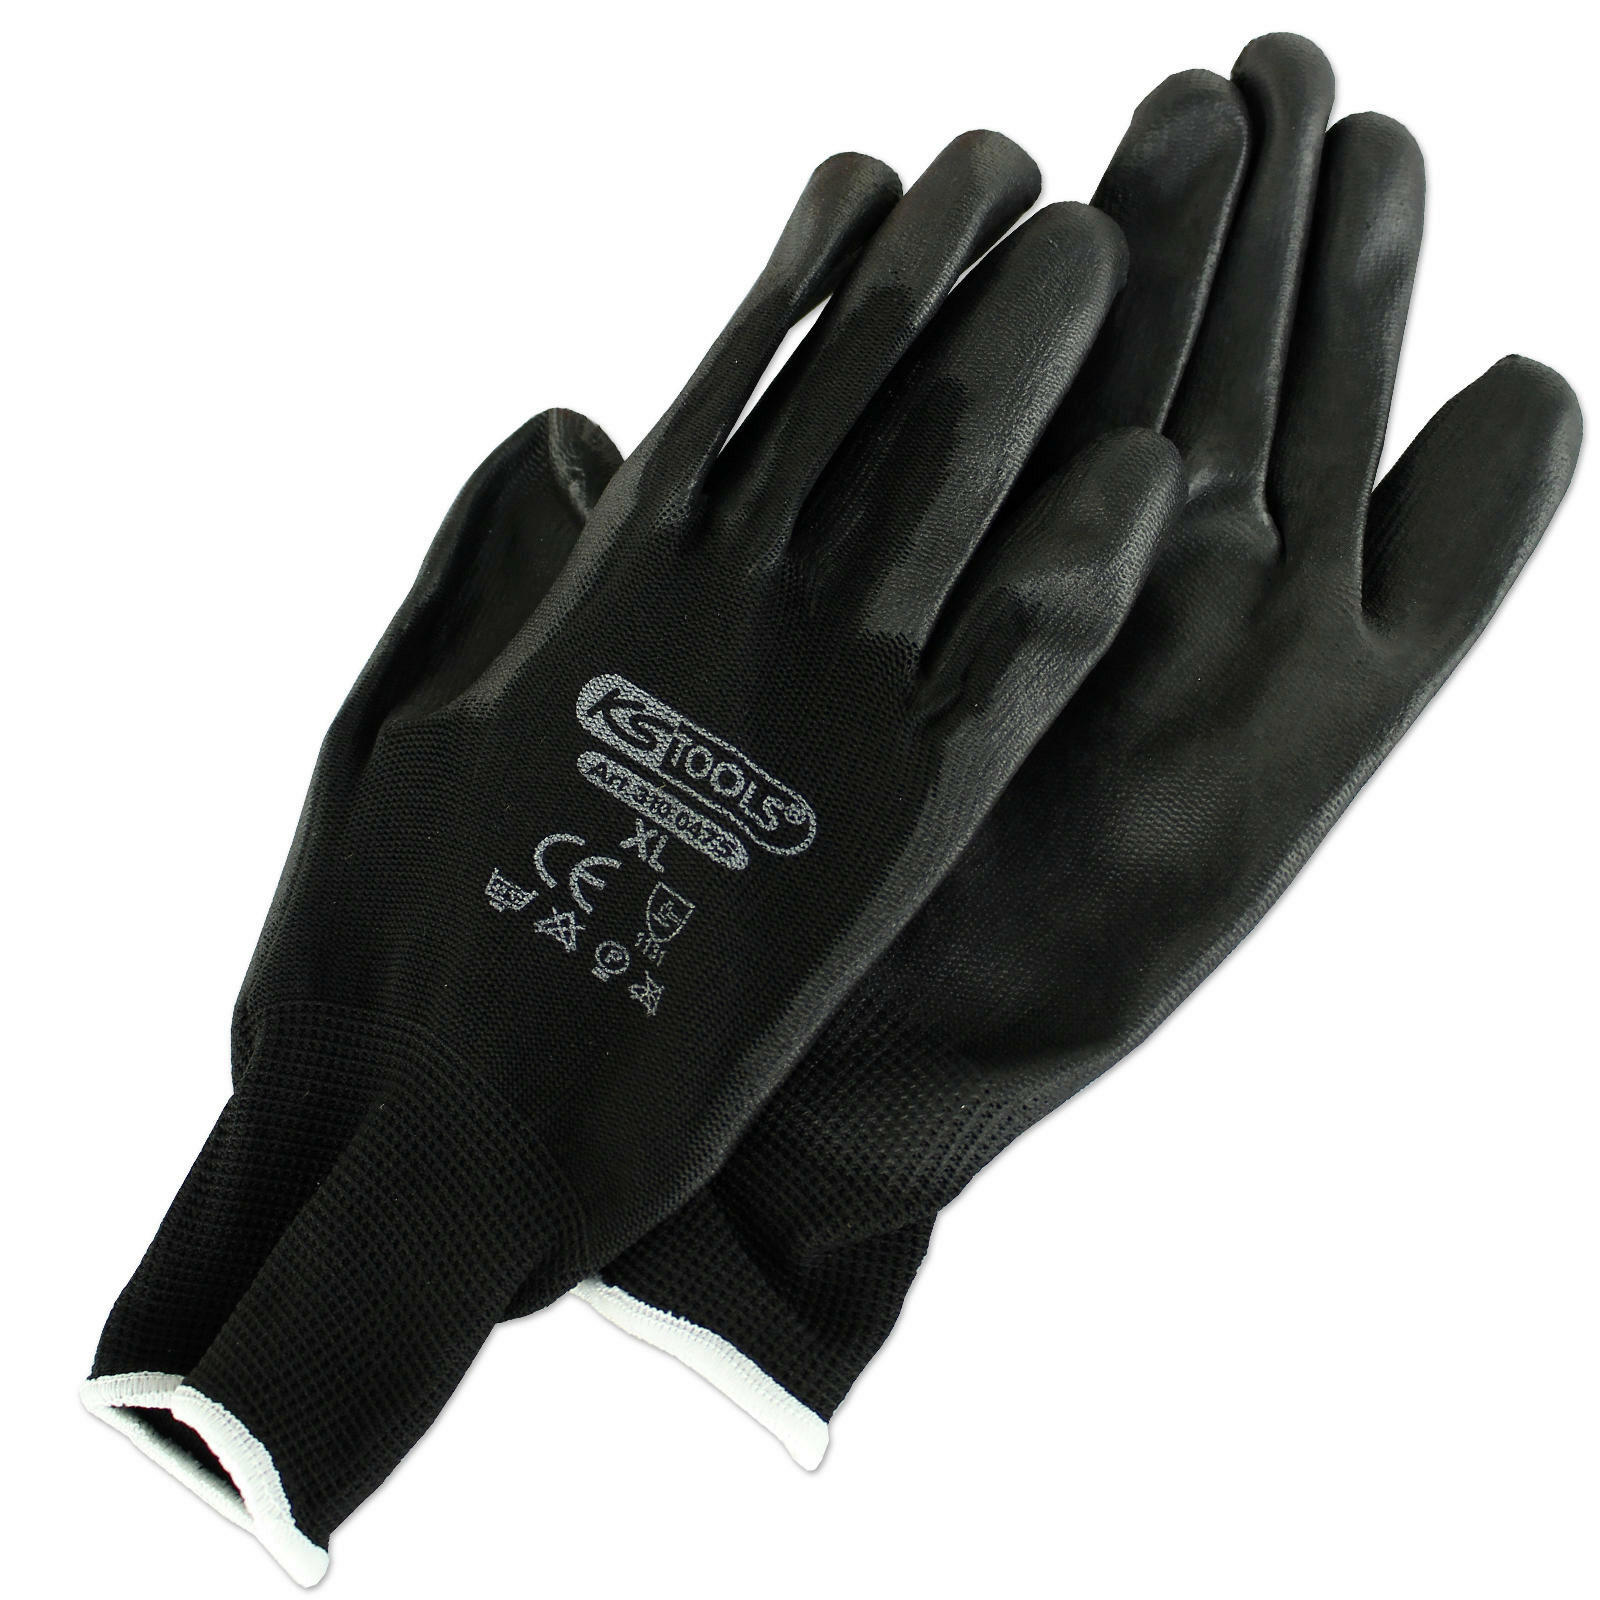 KS TOOLS Mikro-Feinstrick-, Arbeitshandschuhe schwarz Größe: XL, PU beschichtet